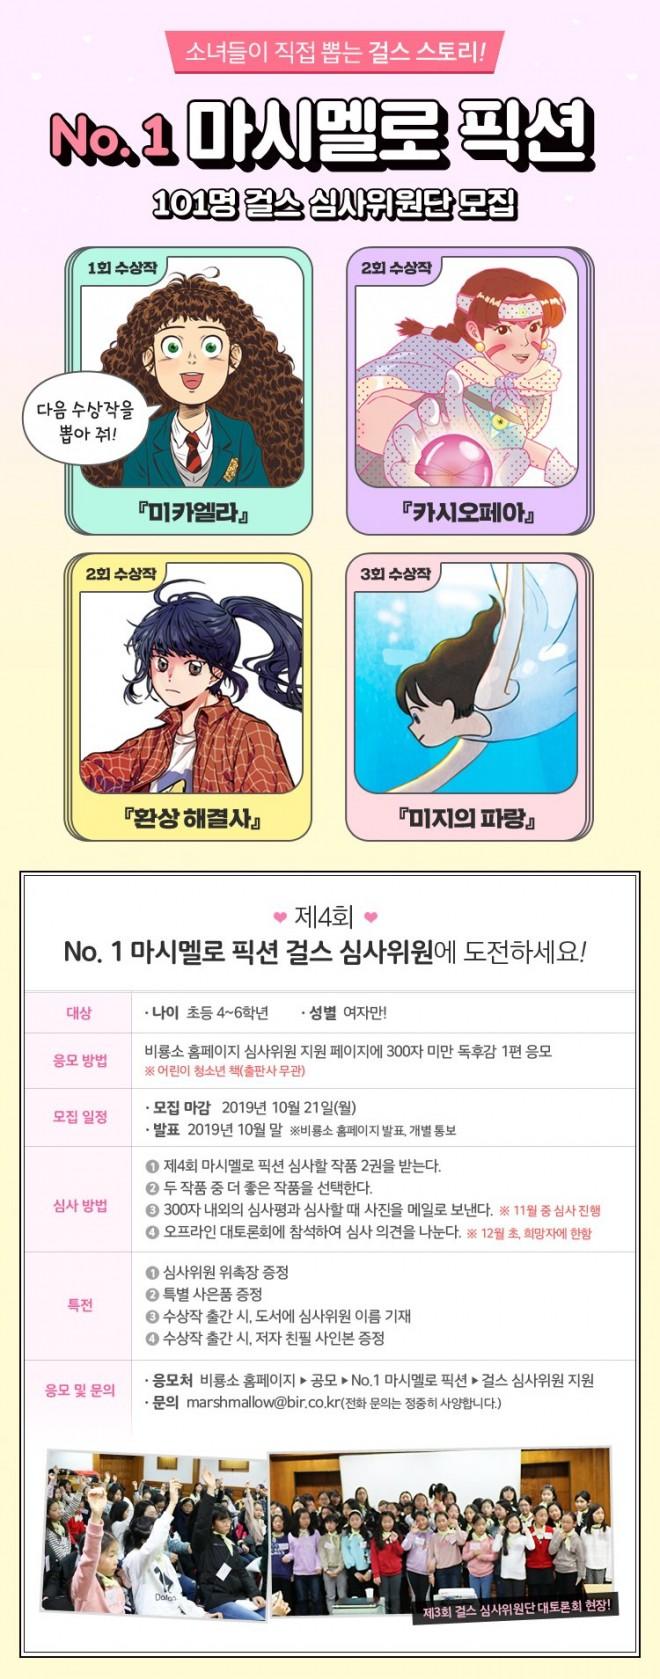 제4회마시멜로픽션걸즈_심사위원모집(수정)